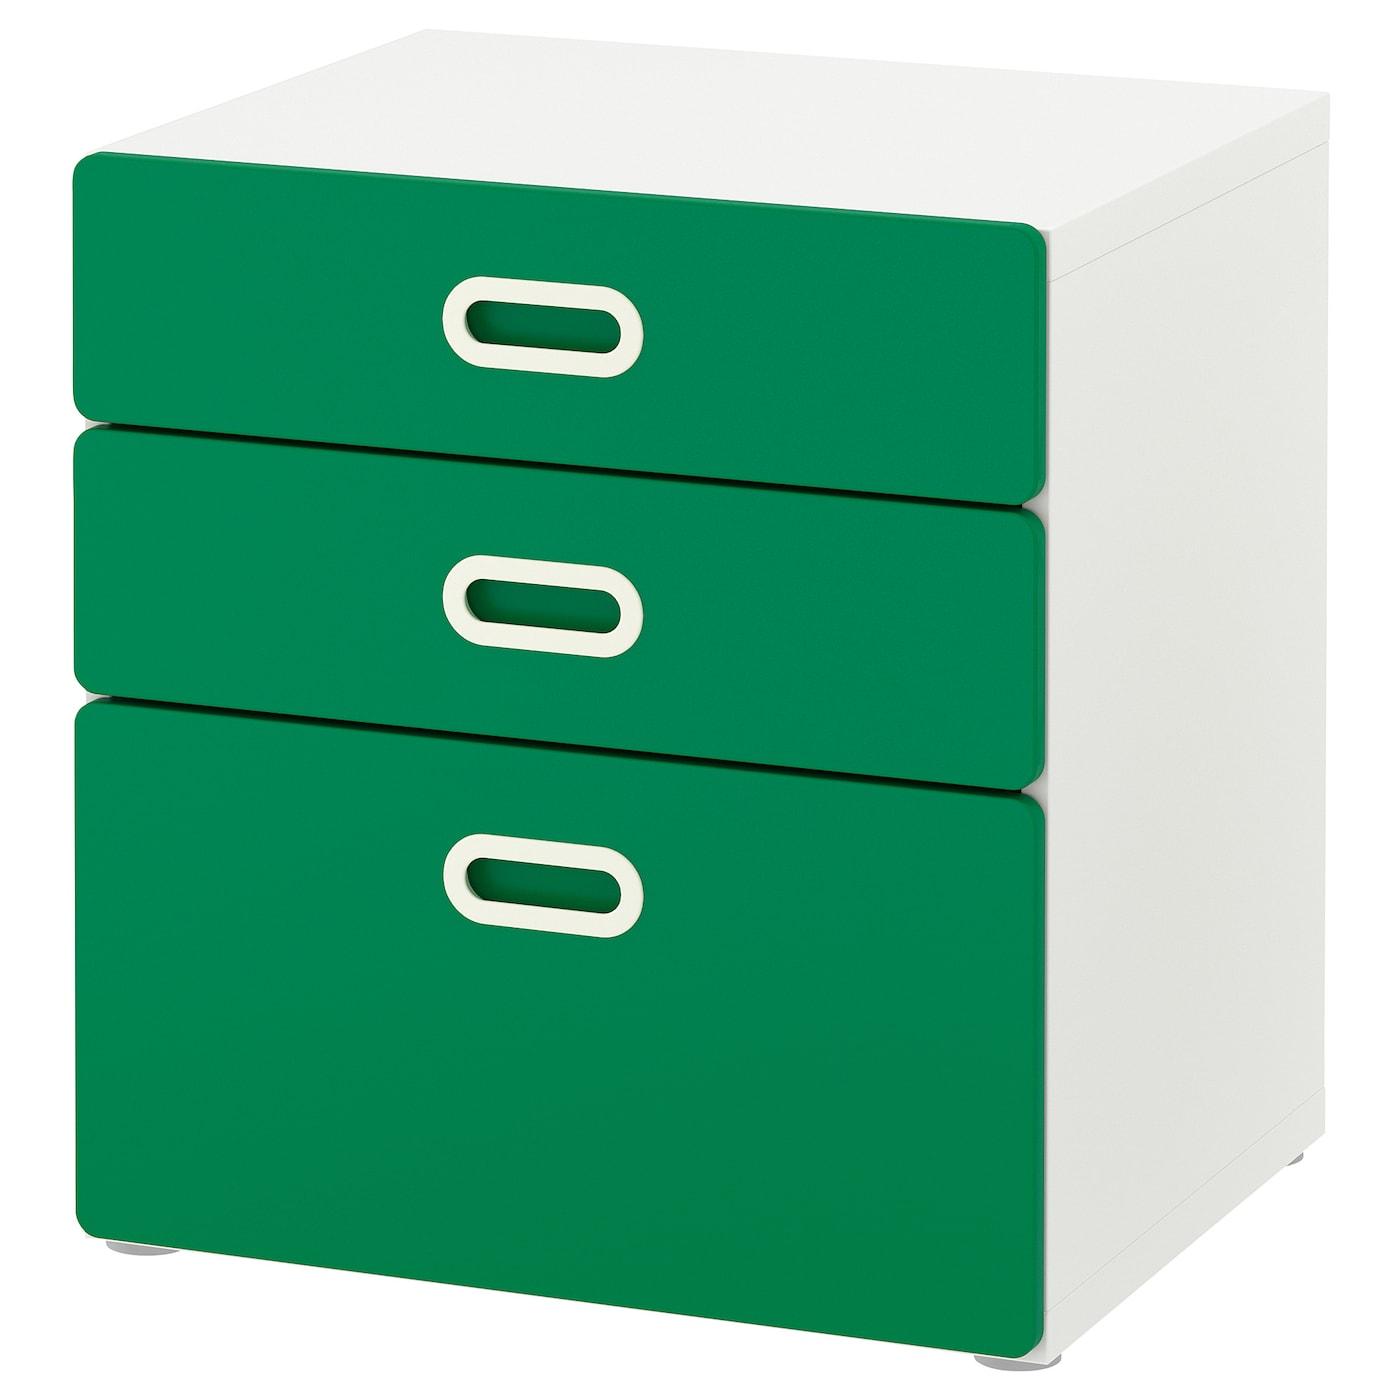 IKEA STUVA biała komoda z trzema zielonymi szufladami FRITIDS, 60x64 cm